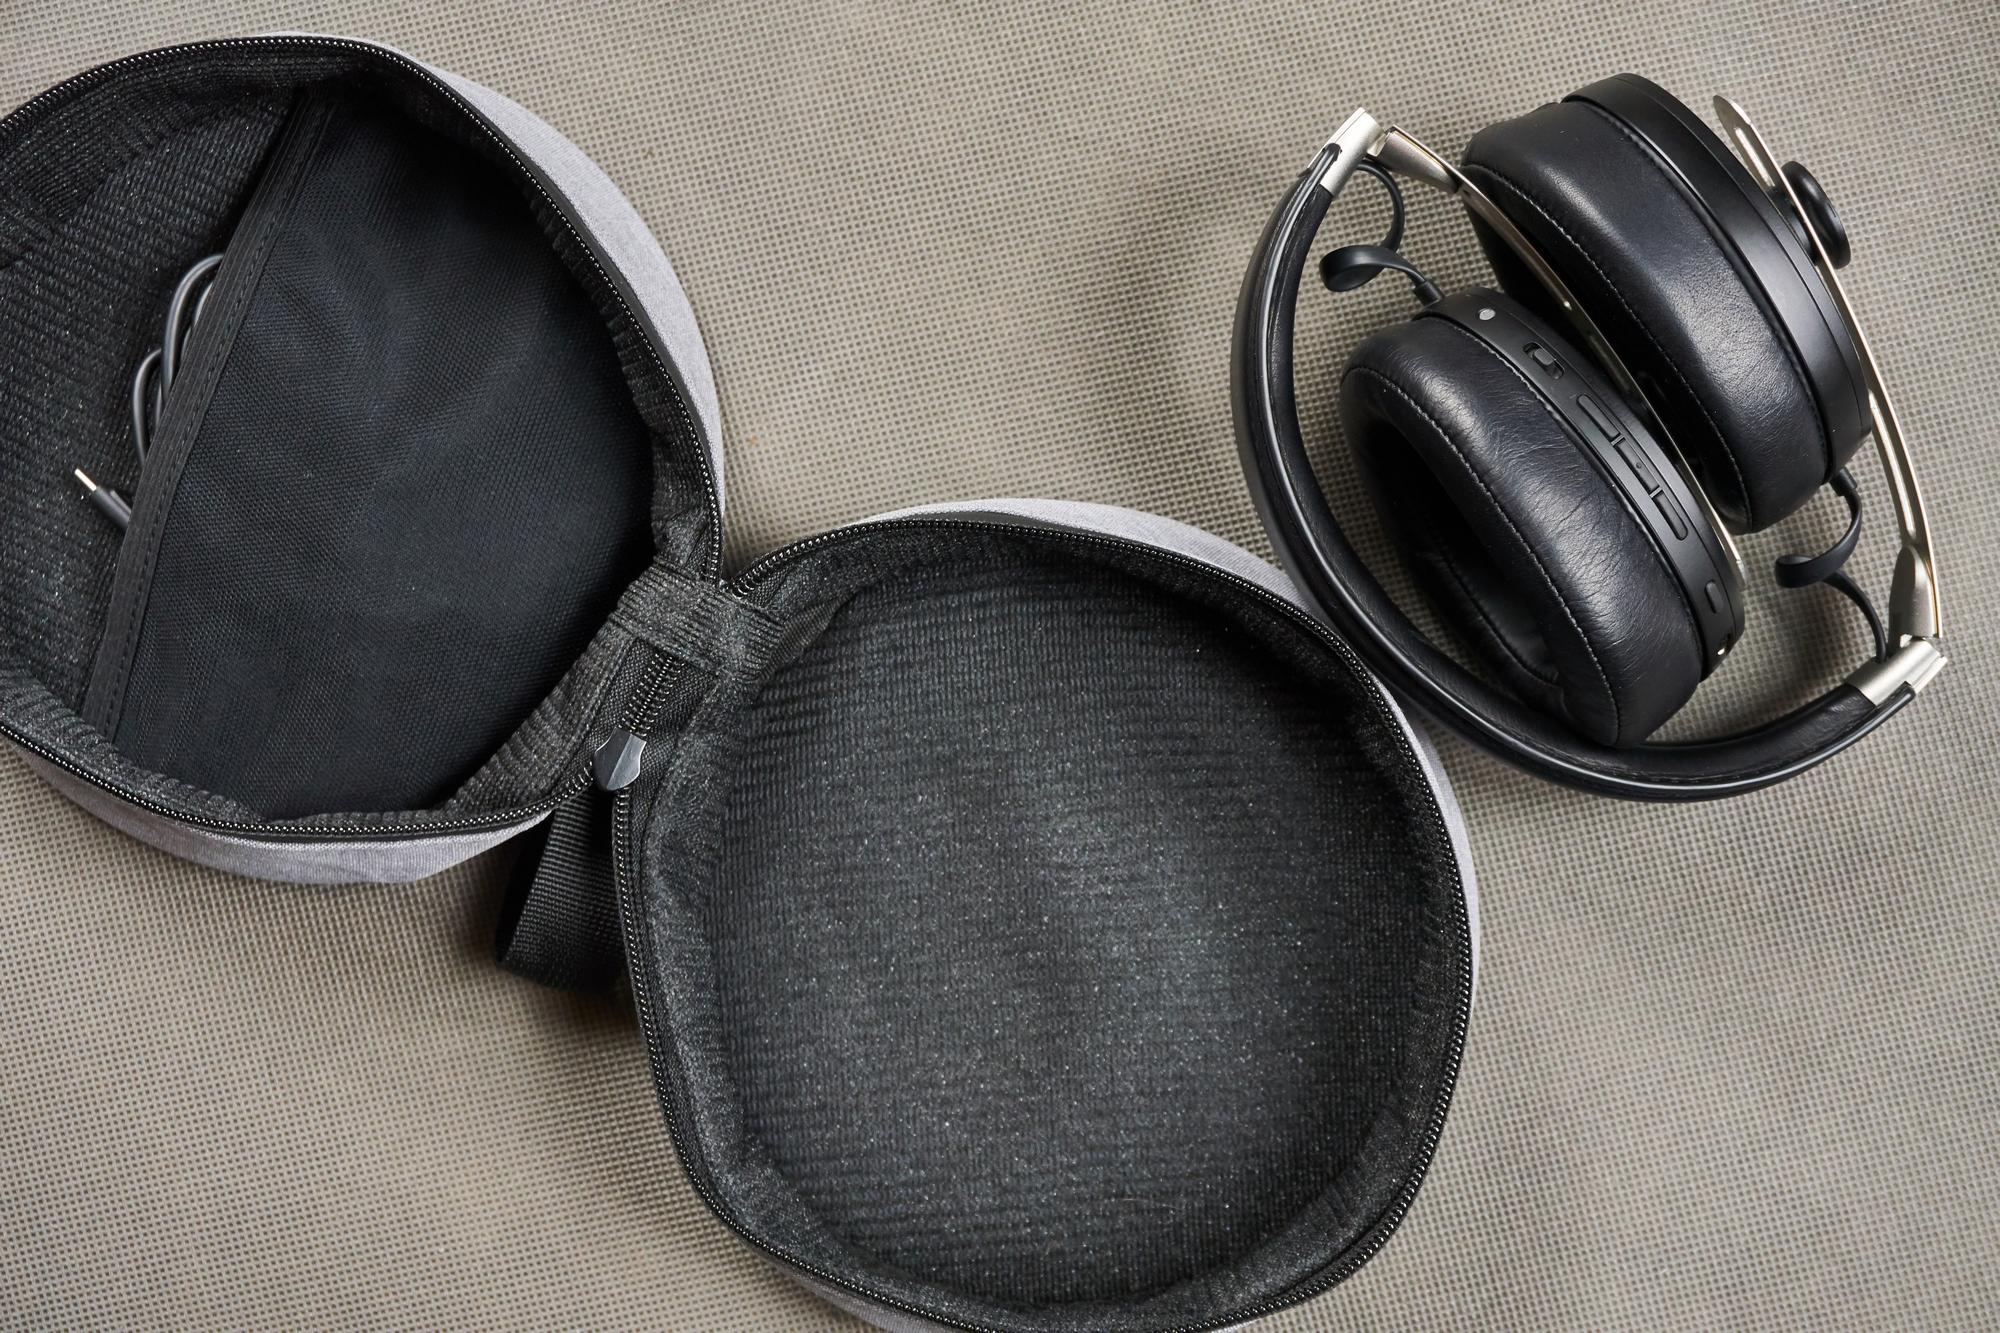 Recenzja Sennheiser Momentum Wireless - niemieckim inżynierom dźwięku progres nie jest obcy 23